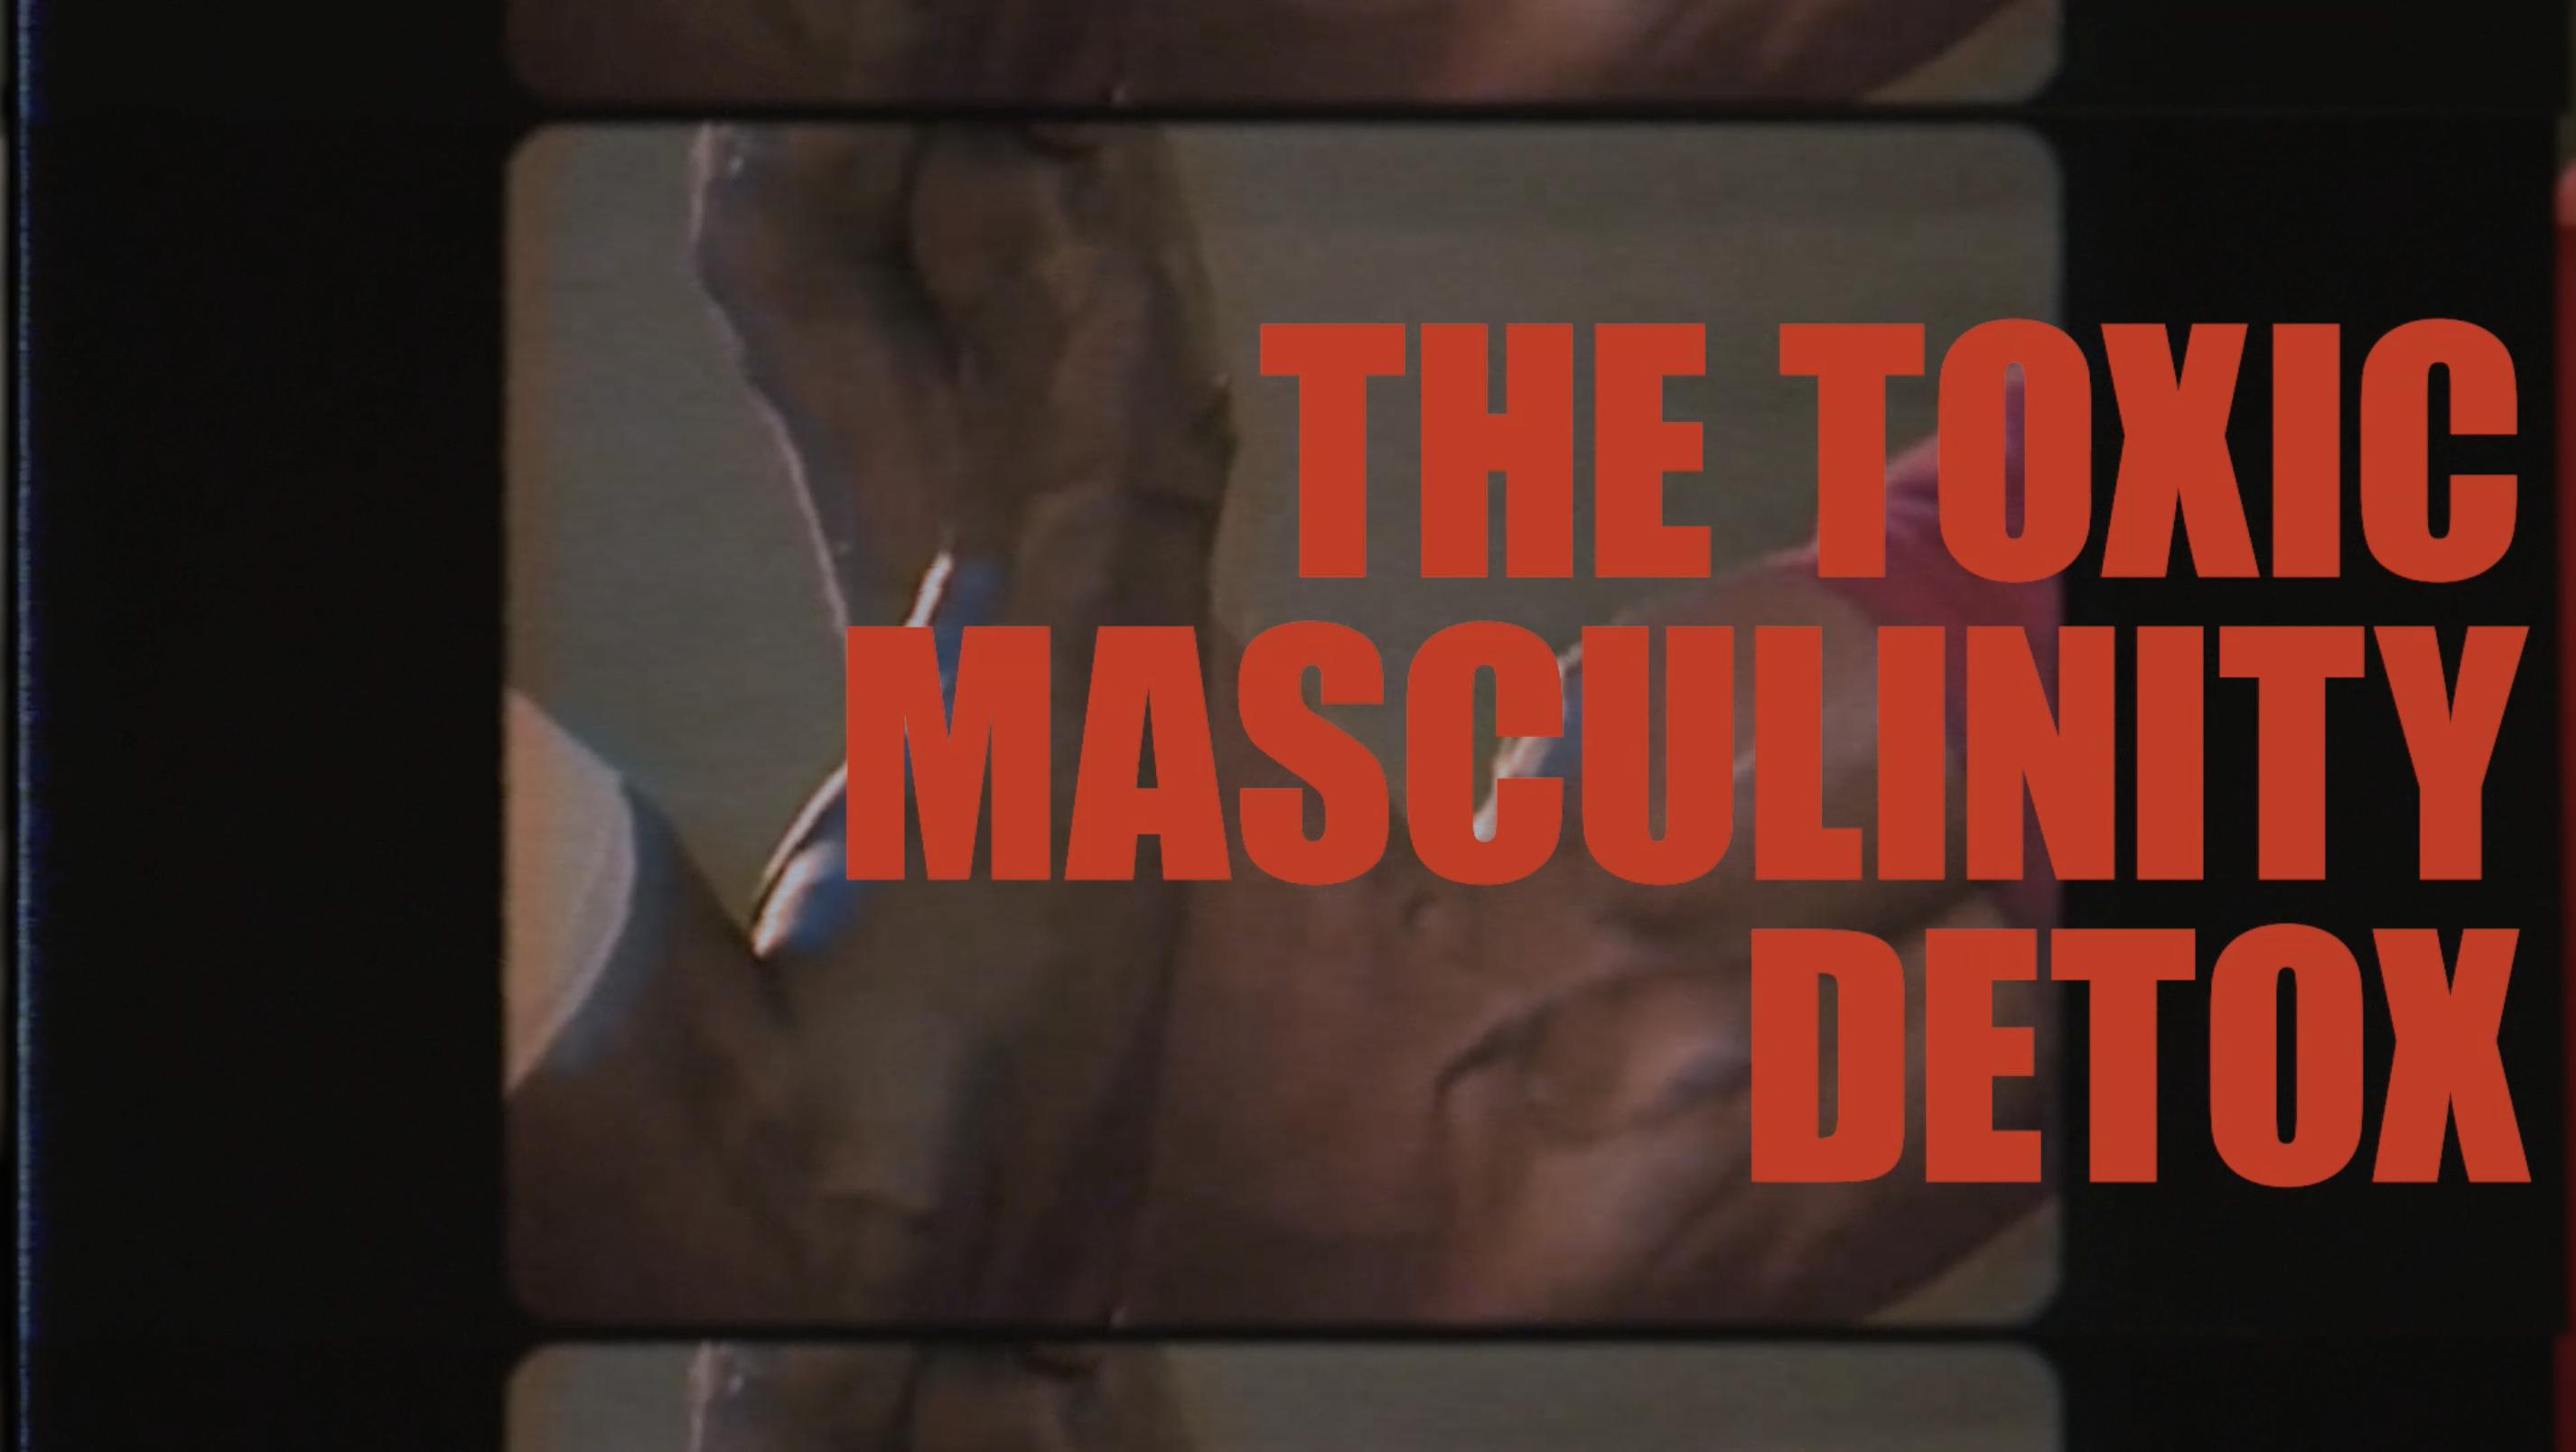 The Toxic Masculinity Detox